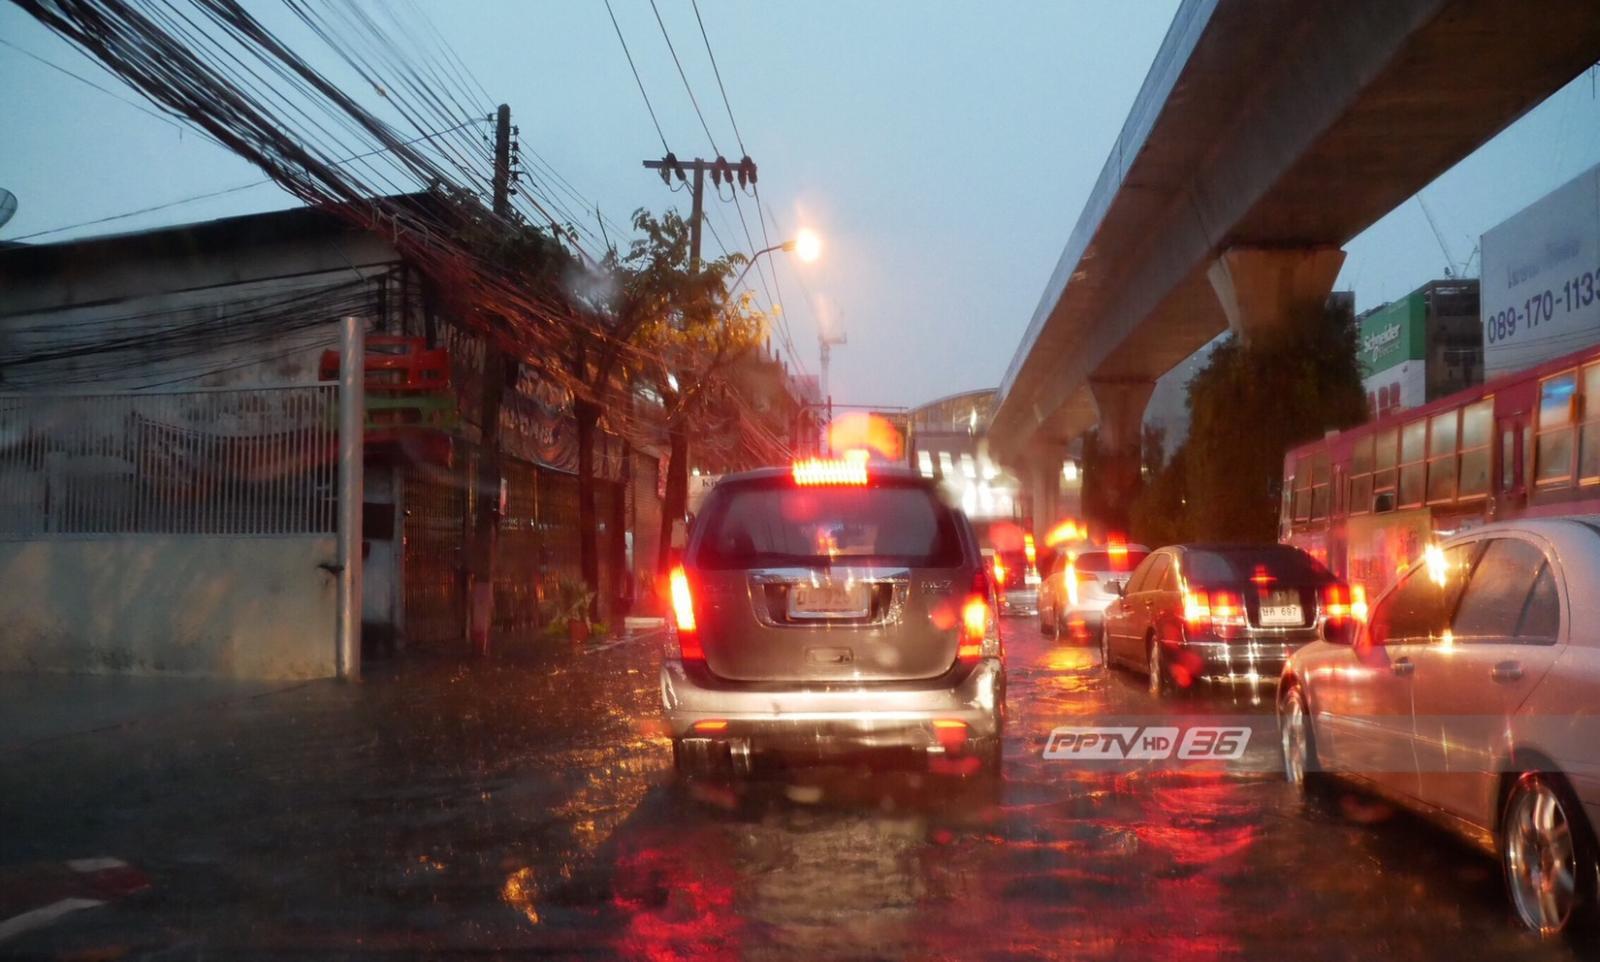 ฝนกระหน่ำ!! น้ำท่วมกรุงเทพฯ เช้านี้หลายพื้นที่